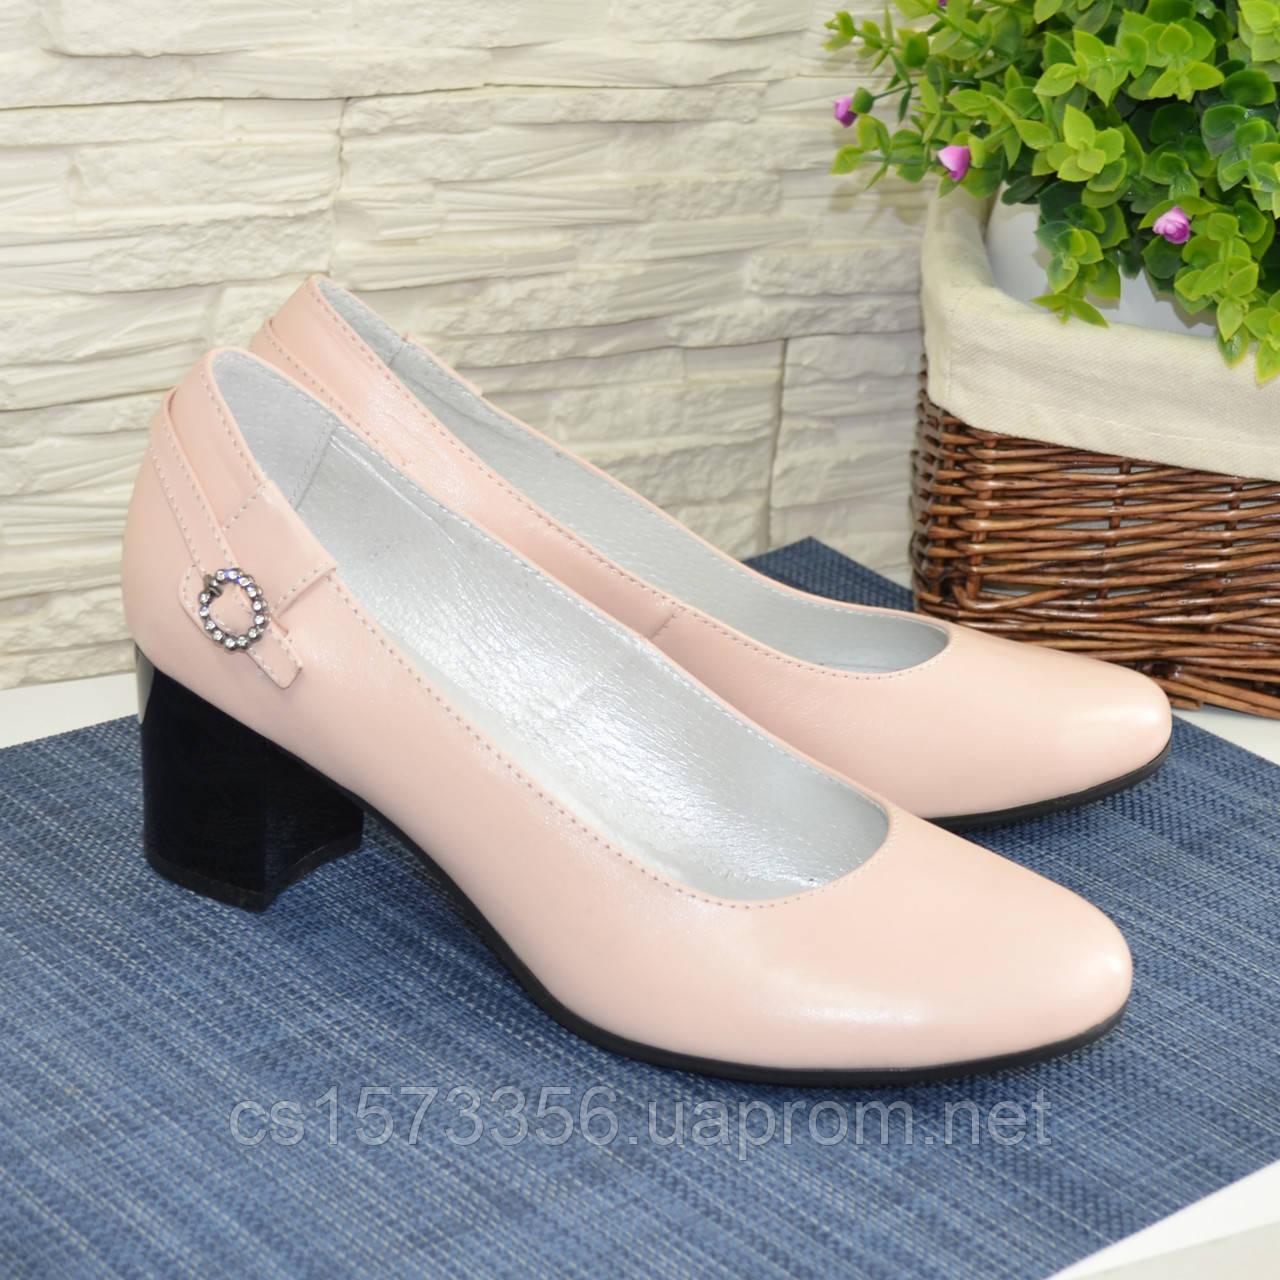 Женские кожаные туфли на невысоком каблуке, цвет пудра